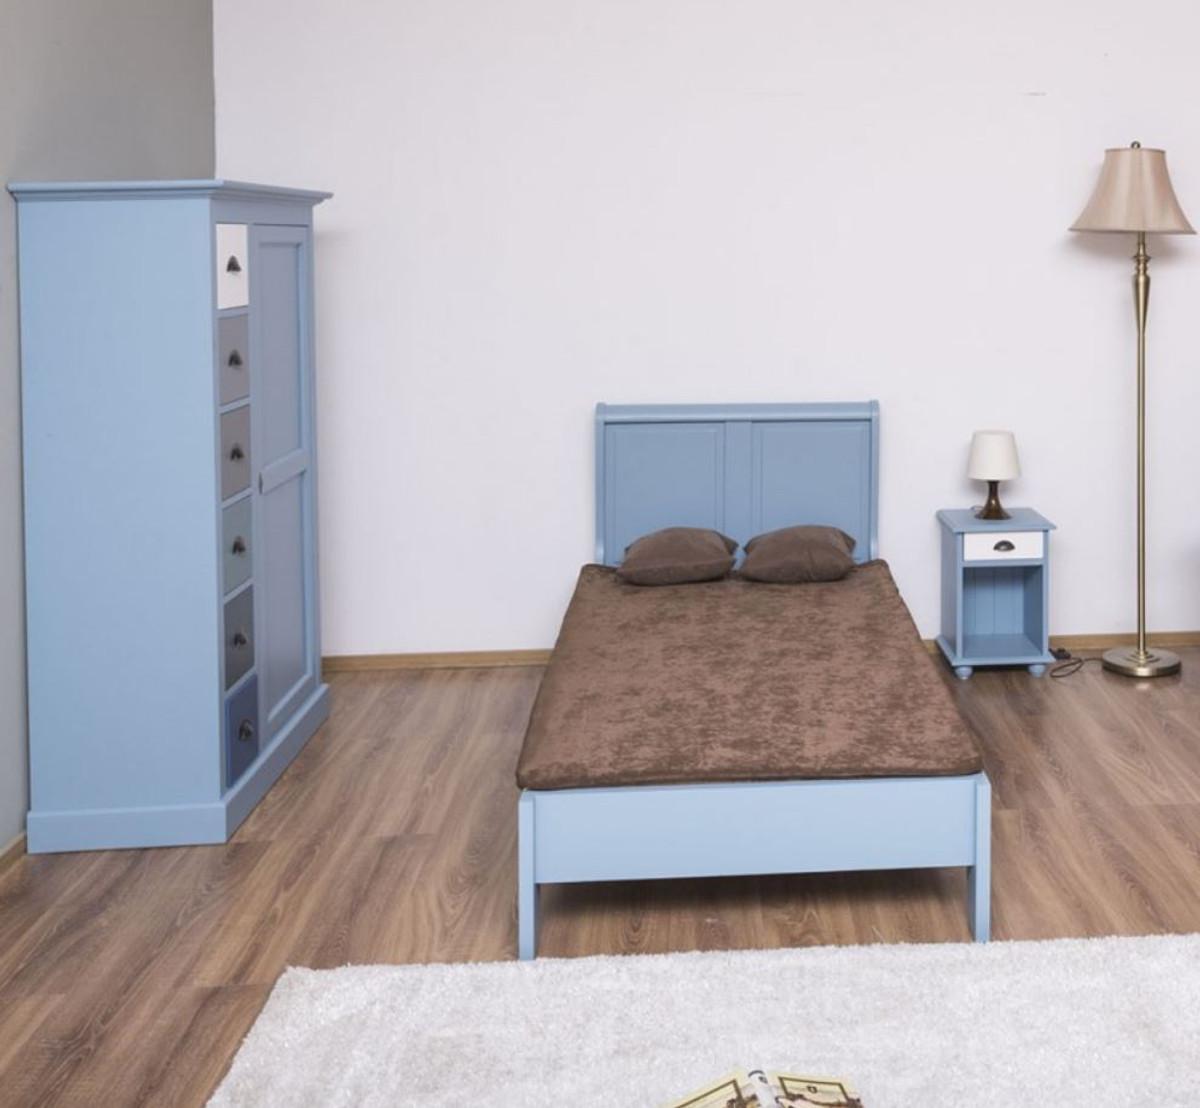 Casa Padrino Landhausstil Massivholz Kinderzimmer Mobel Set Hellblau Weiss Mehrfarbig 1 Einzelbett 1 Kleiderschrank 1 Nachttisch Landhausstil Mobel